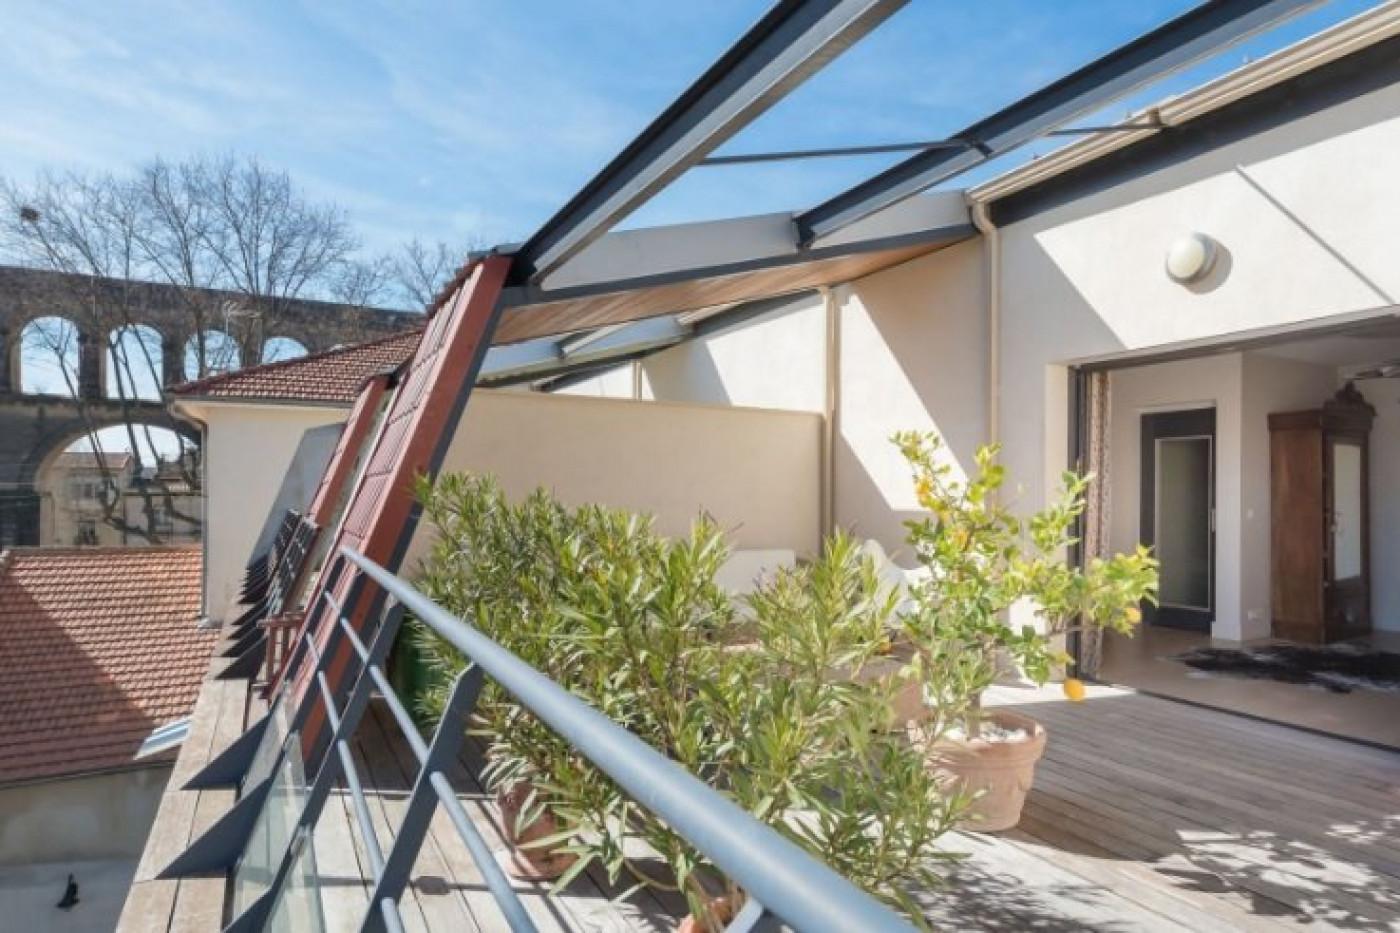 Maison loft en vente montpellier argence for Maison arceaux montpellier